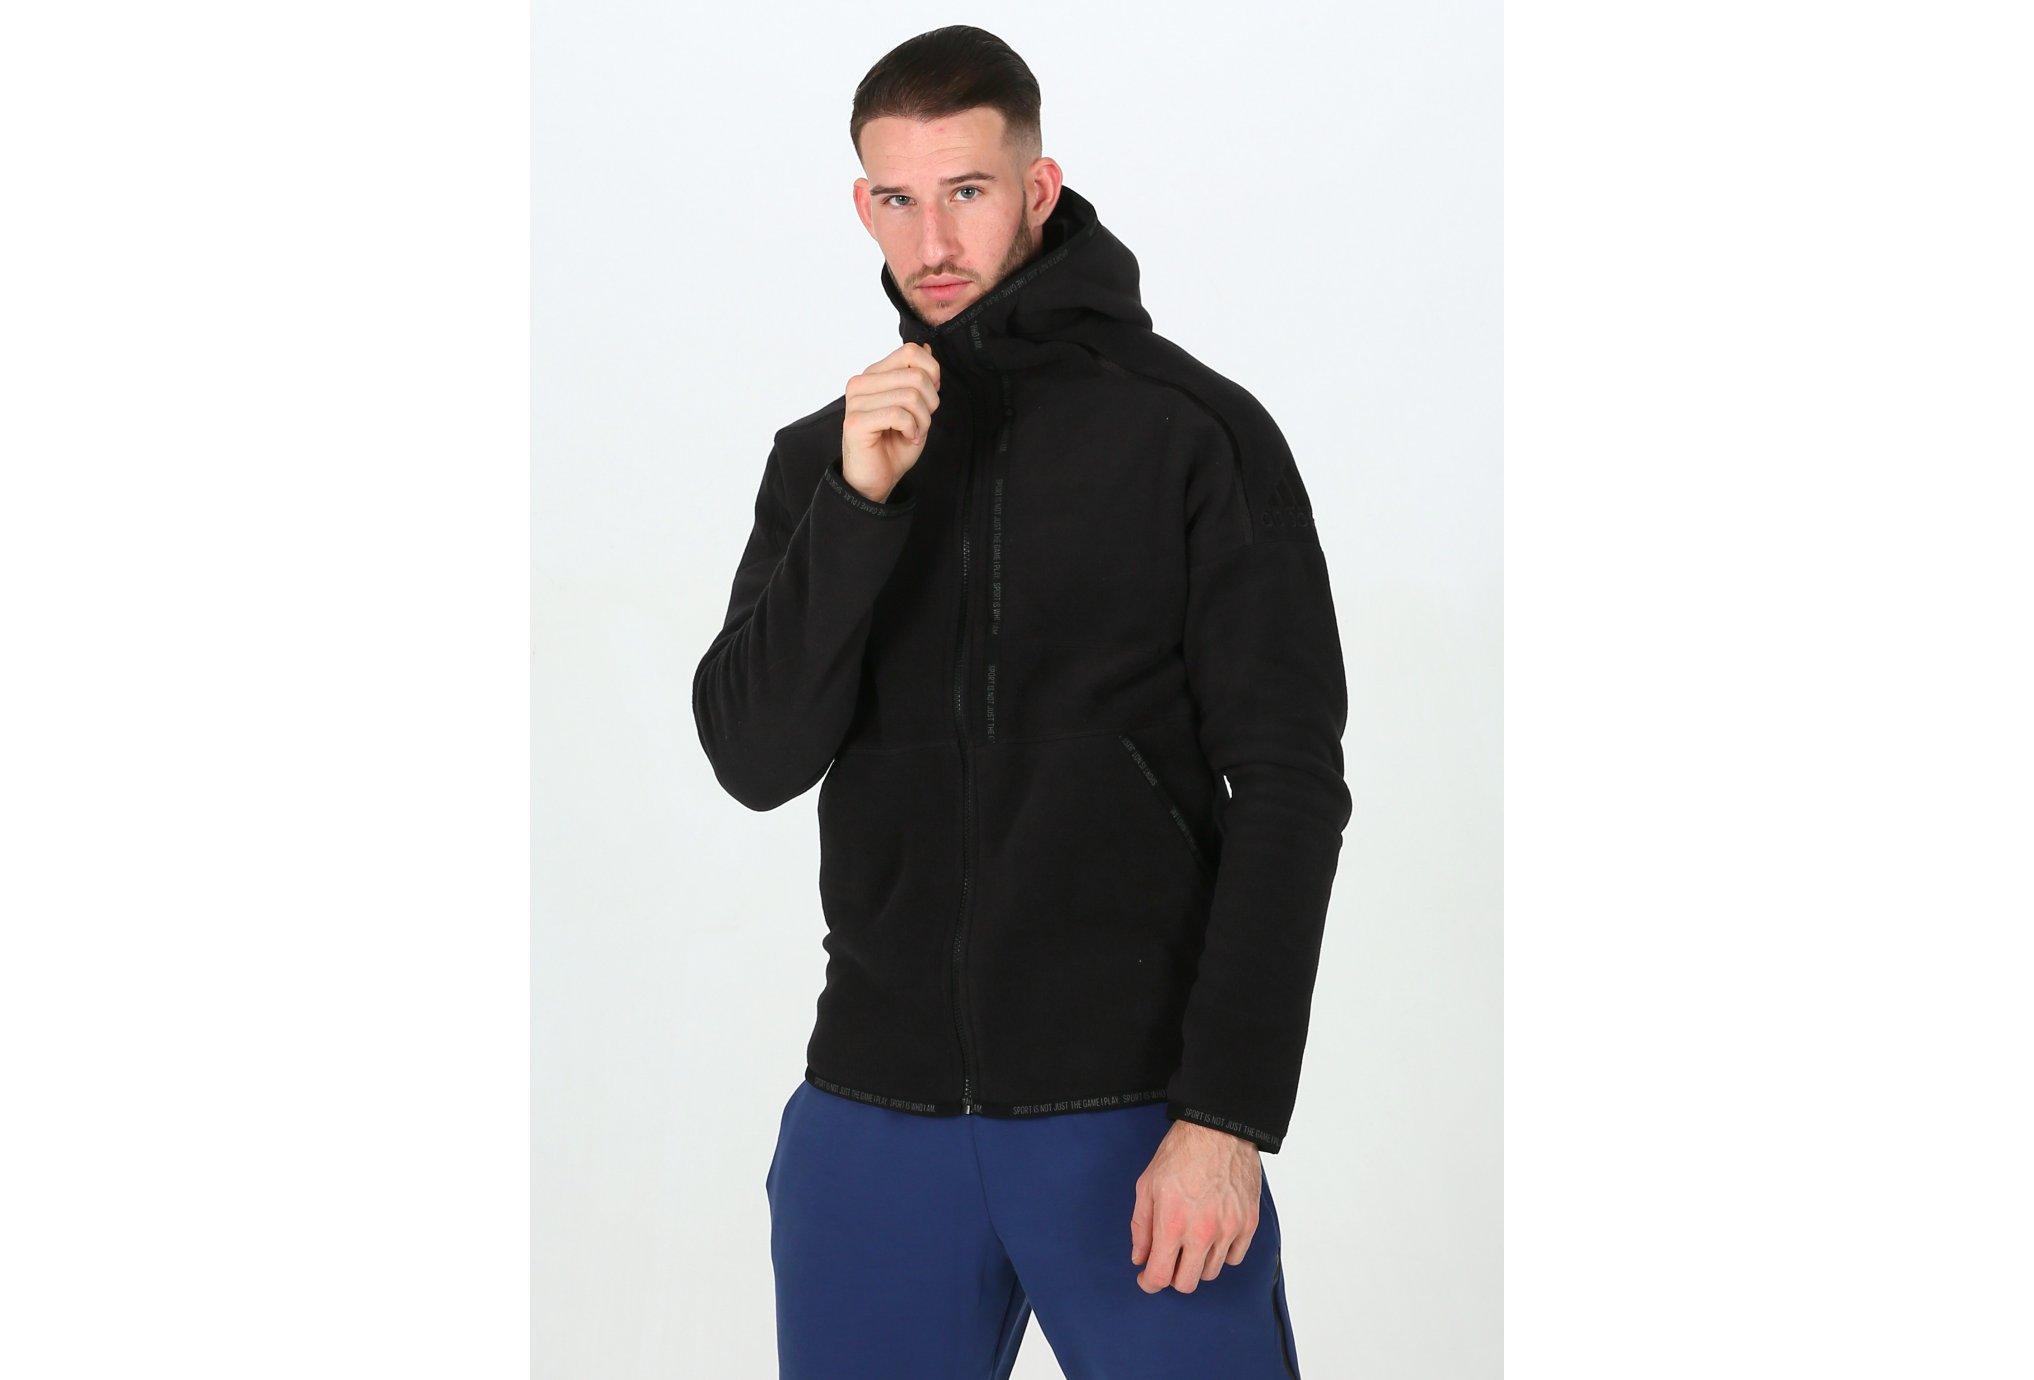 adidas Z.N.E. Fast Release Polar Fleece M Diététique Vêtements homme